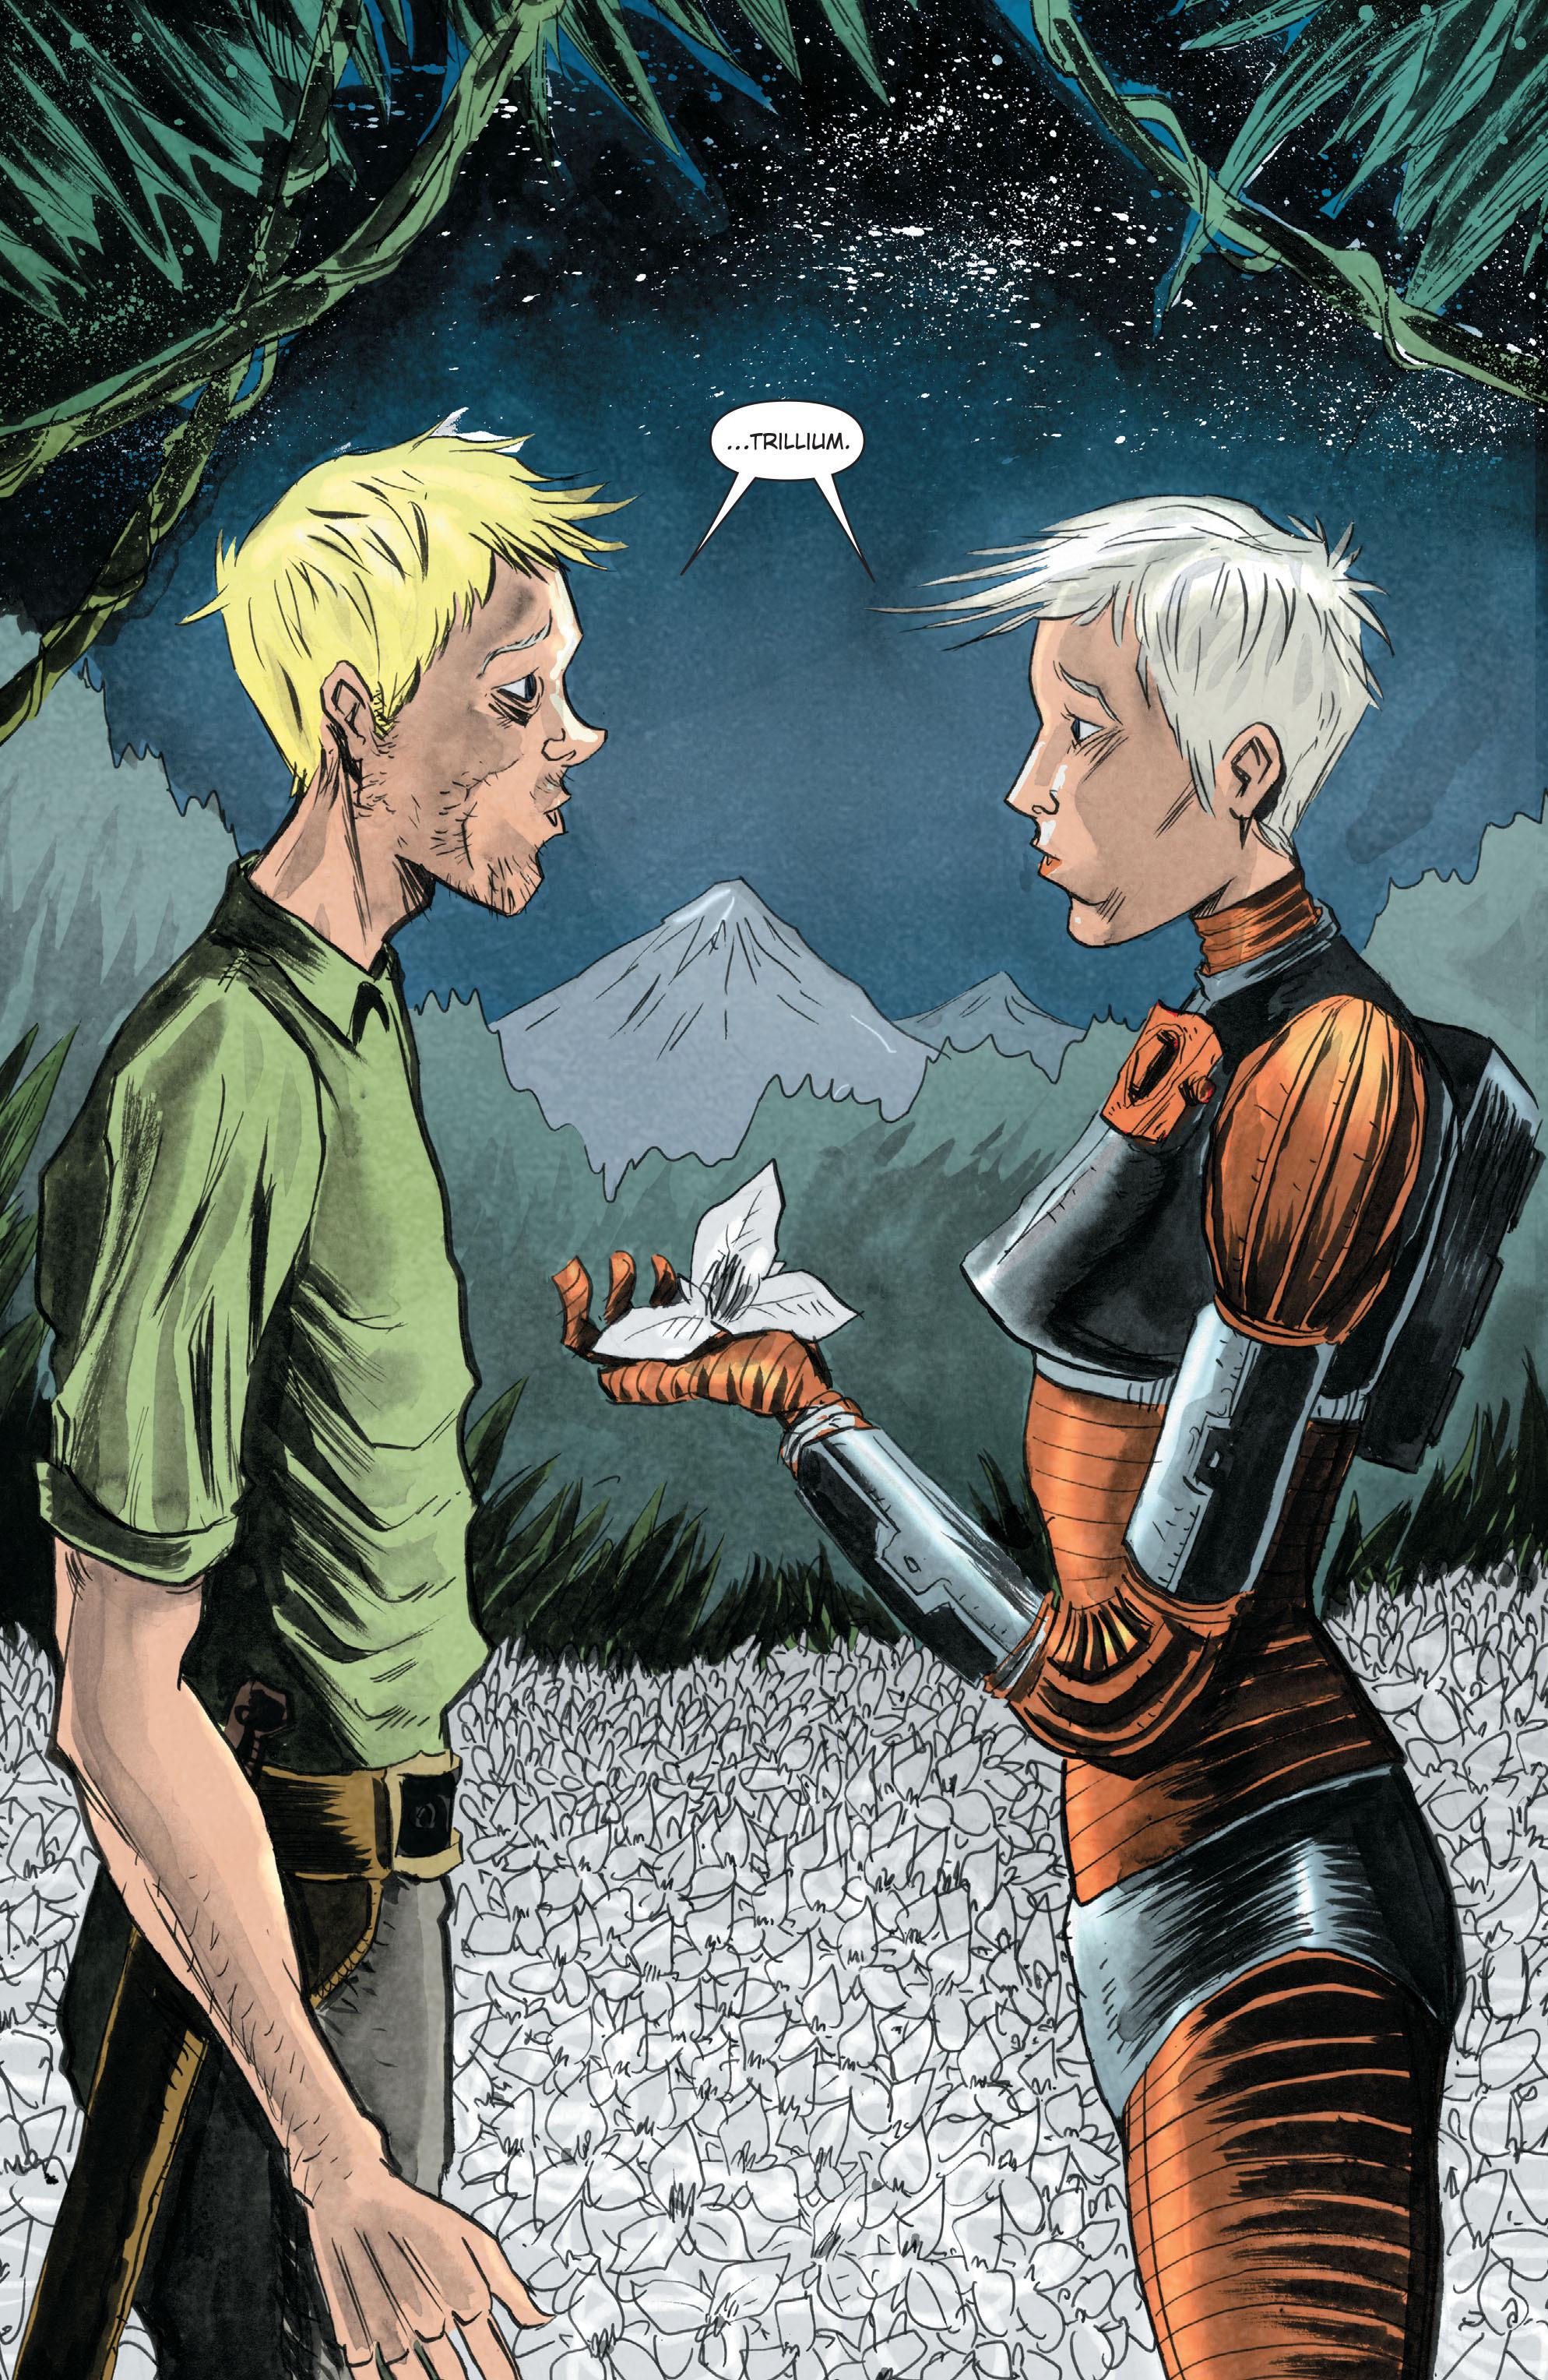 Read online Trillium comic -  Issue # TPB - 49